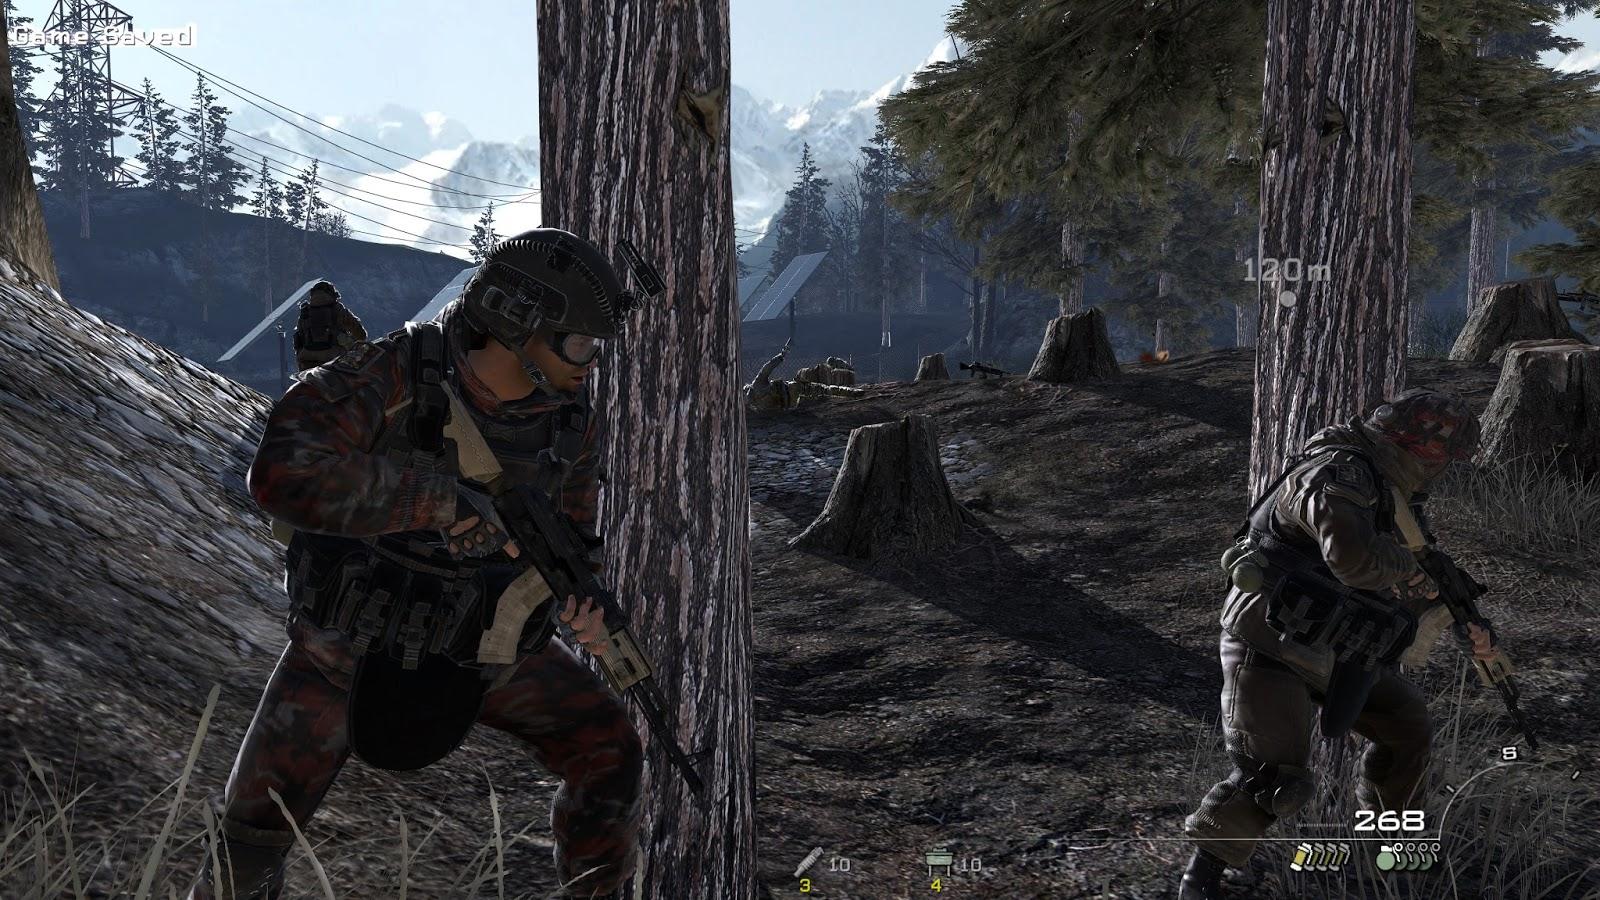 Modern Warfare Wallpaper Hd Image 4 Russian Spetsnaz Mod For Modern Warfare 2 For